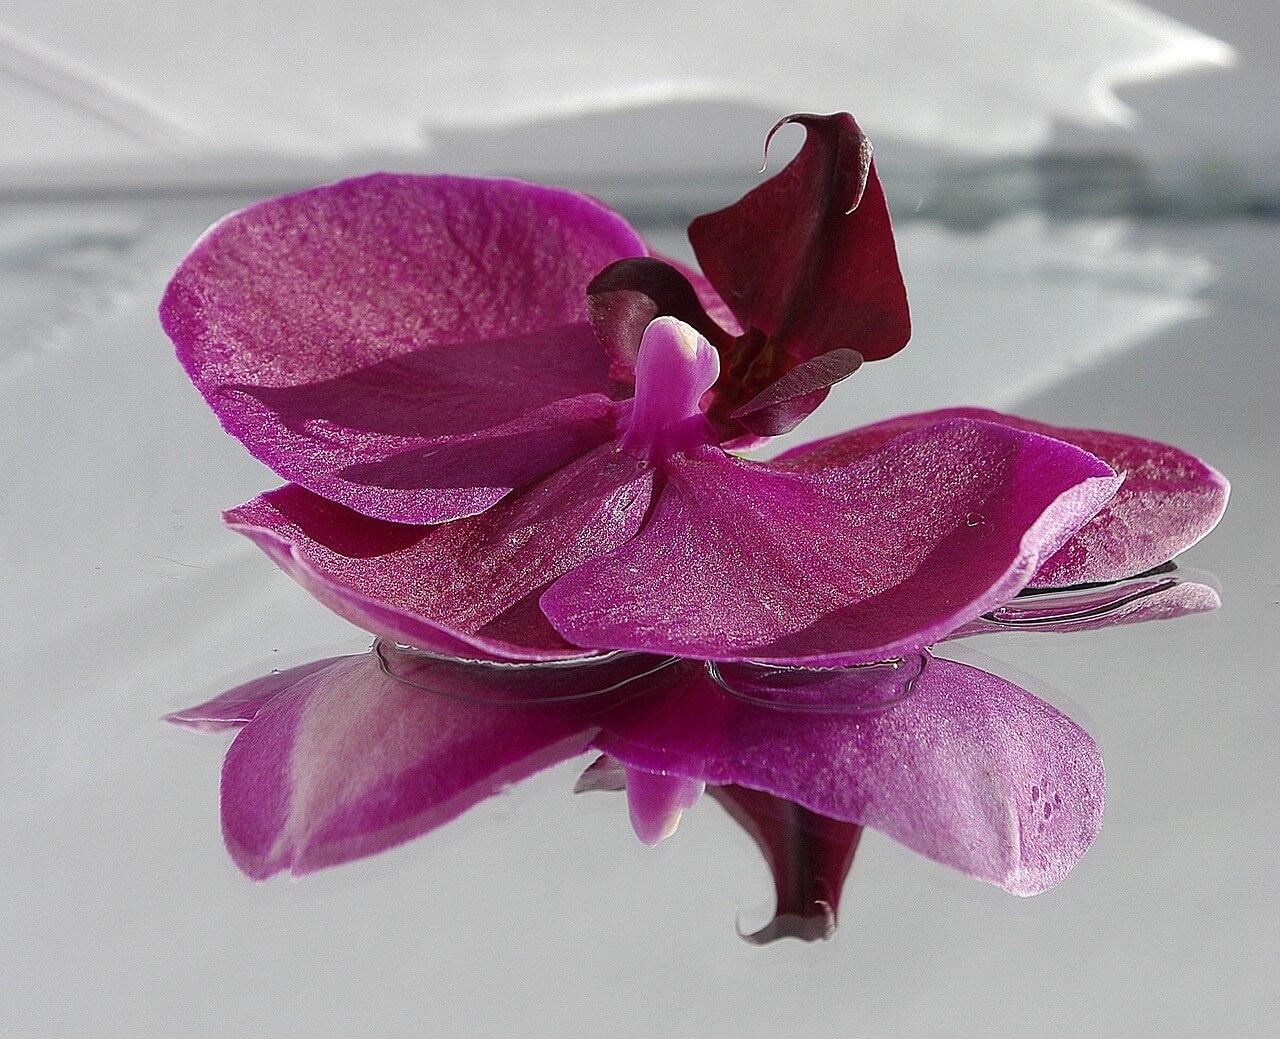 flower-976459_1280